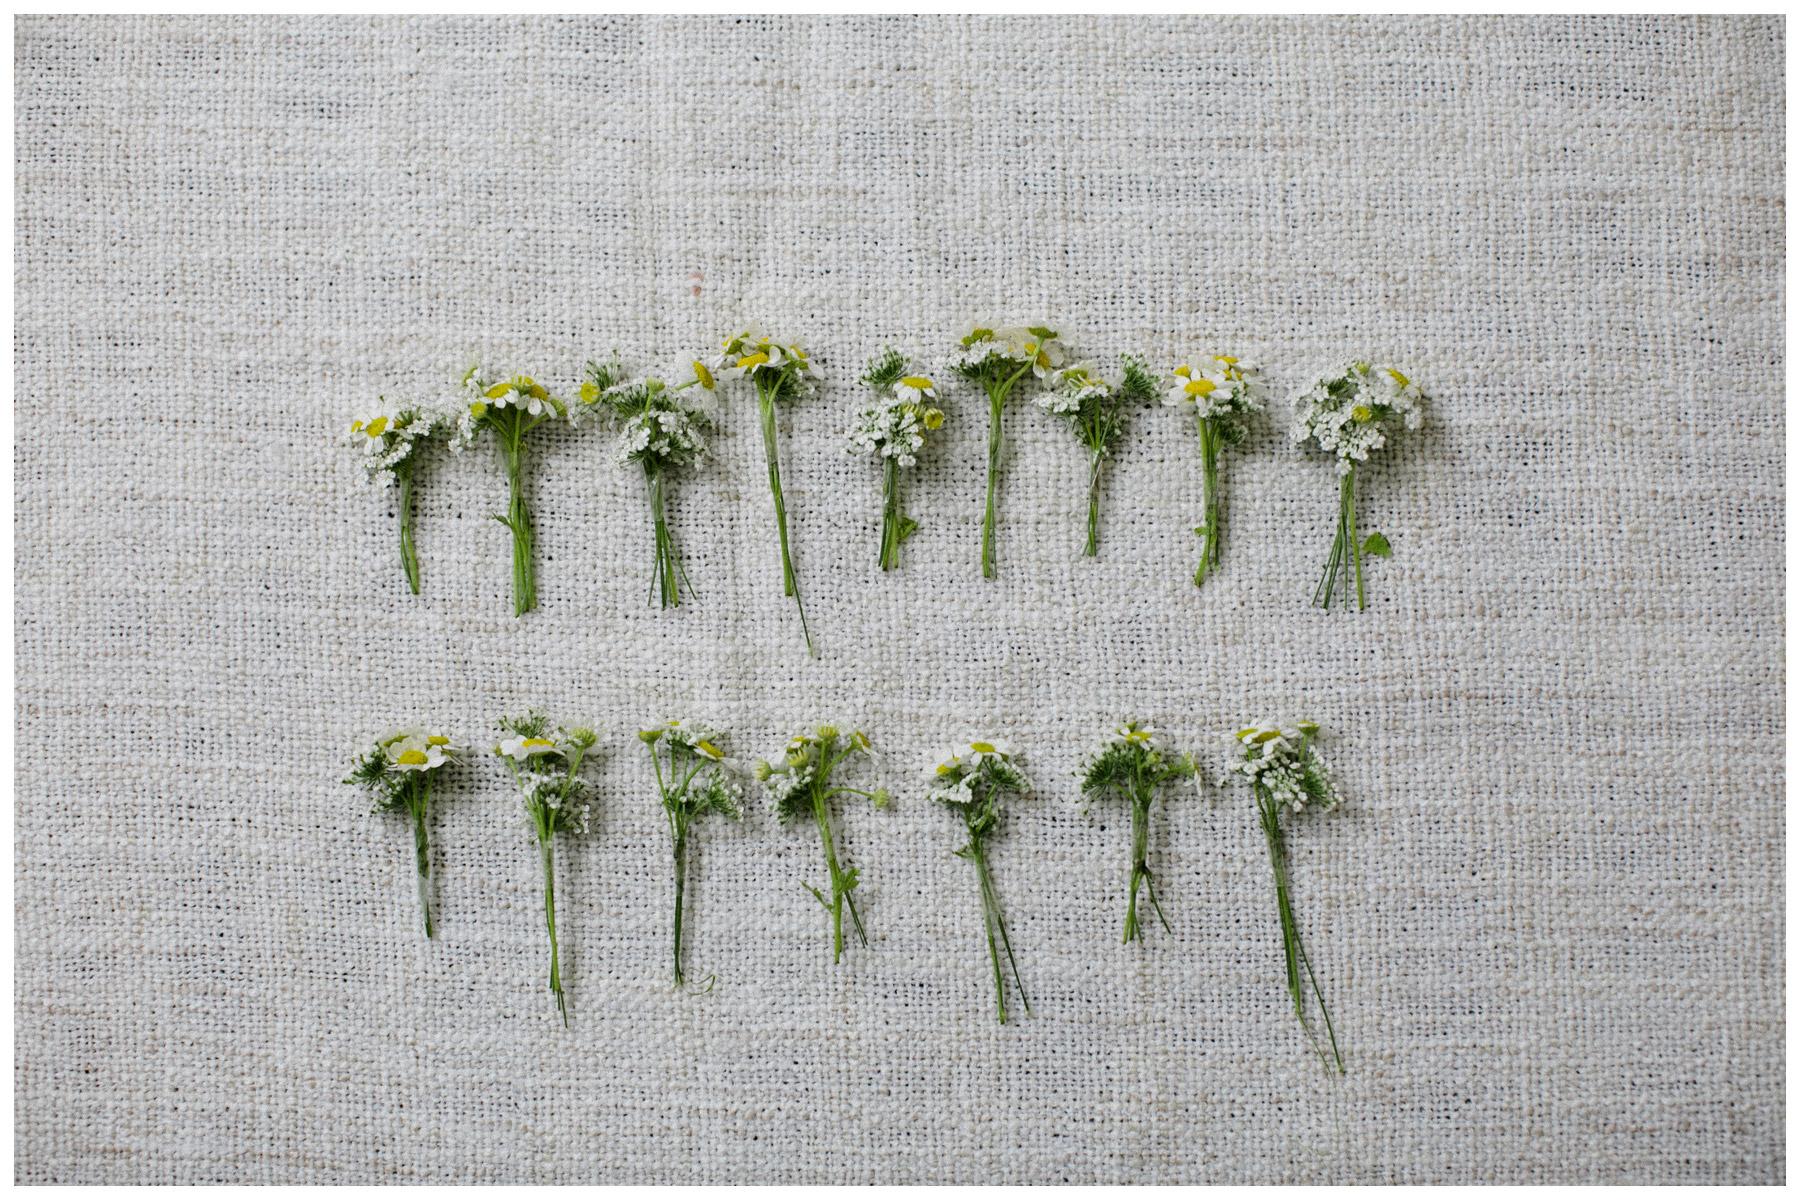 ikea-wiesenblumen-einrichtung-blumenkranz-binden-diy_2